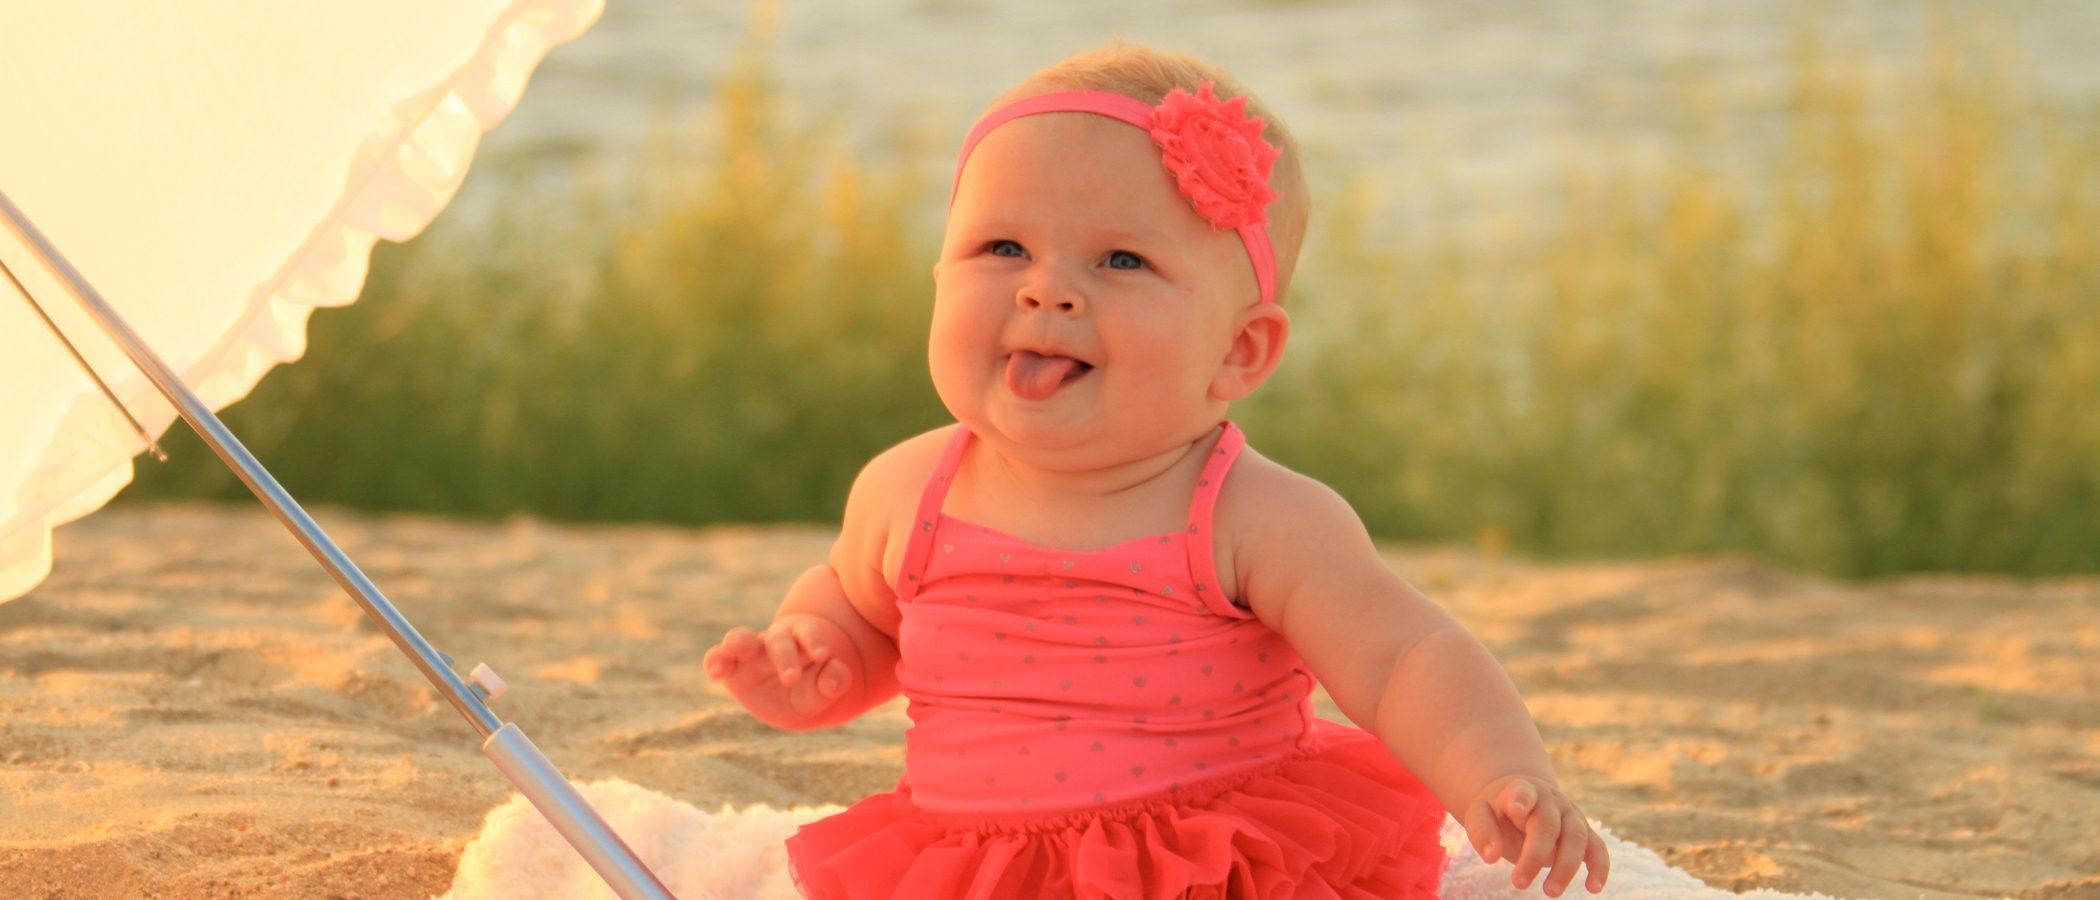 A qué edad podemos poner una diadema o cinta en nuestro bebé